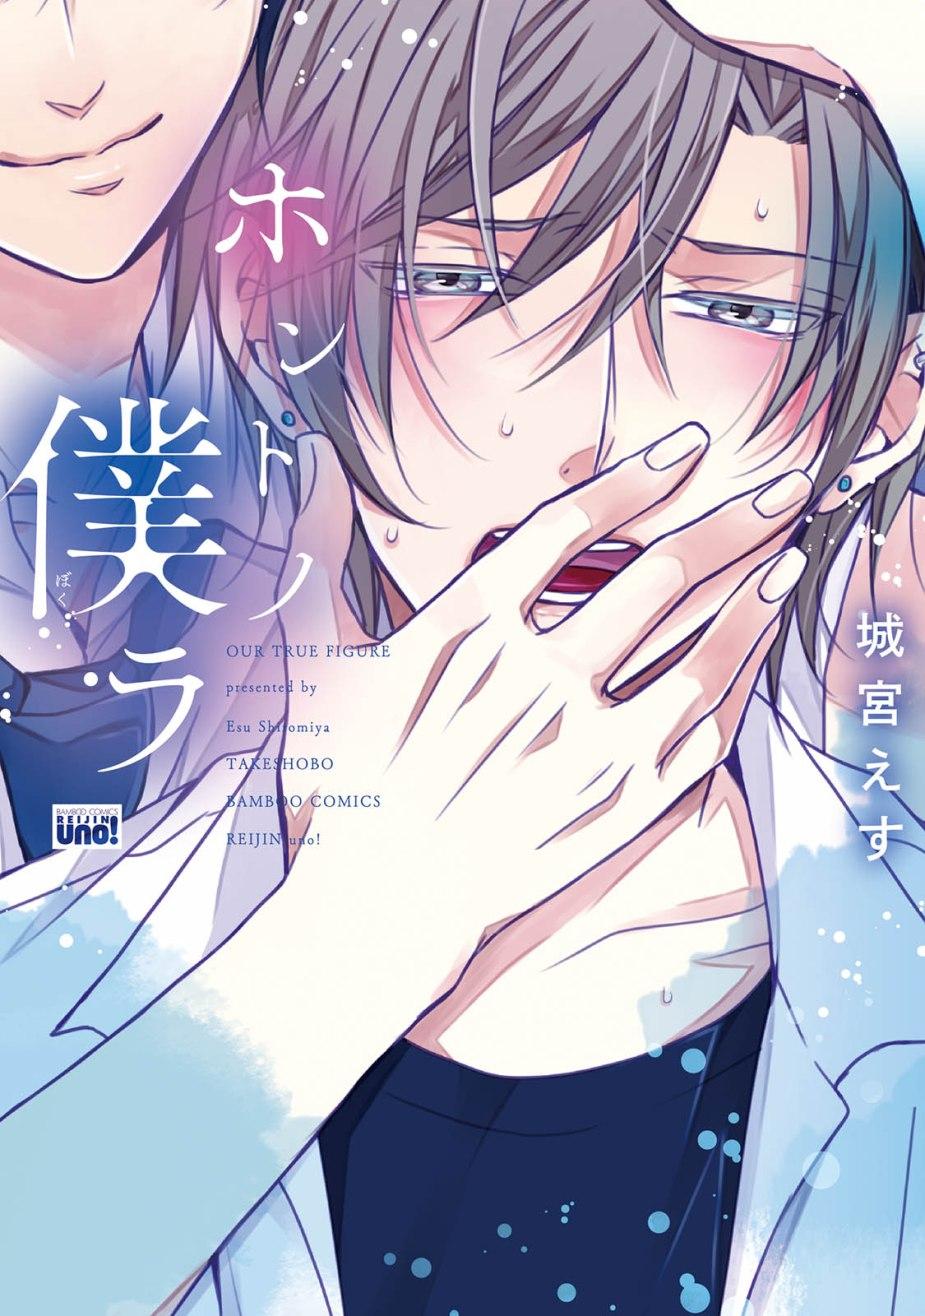 Hontou no Bokura Cover